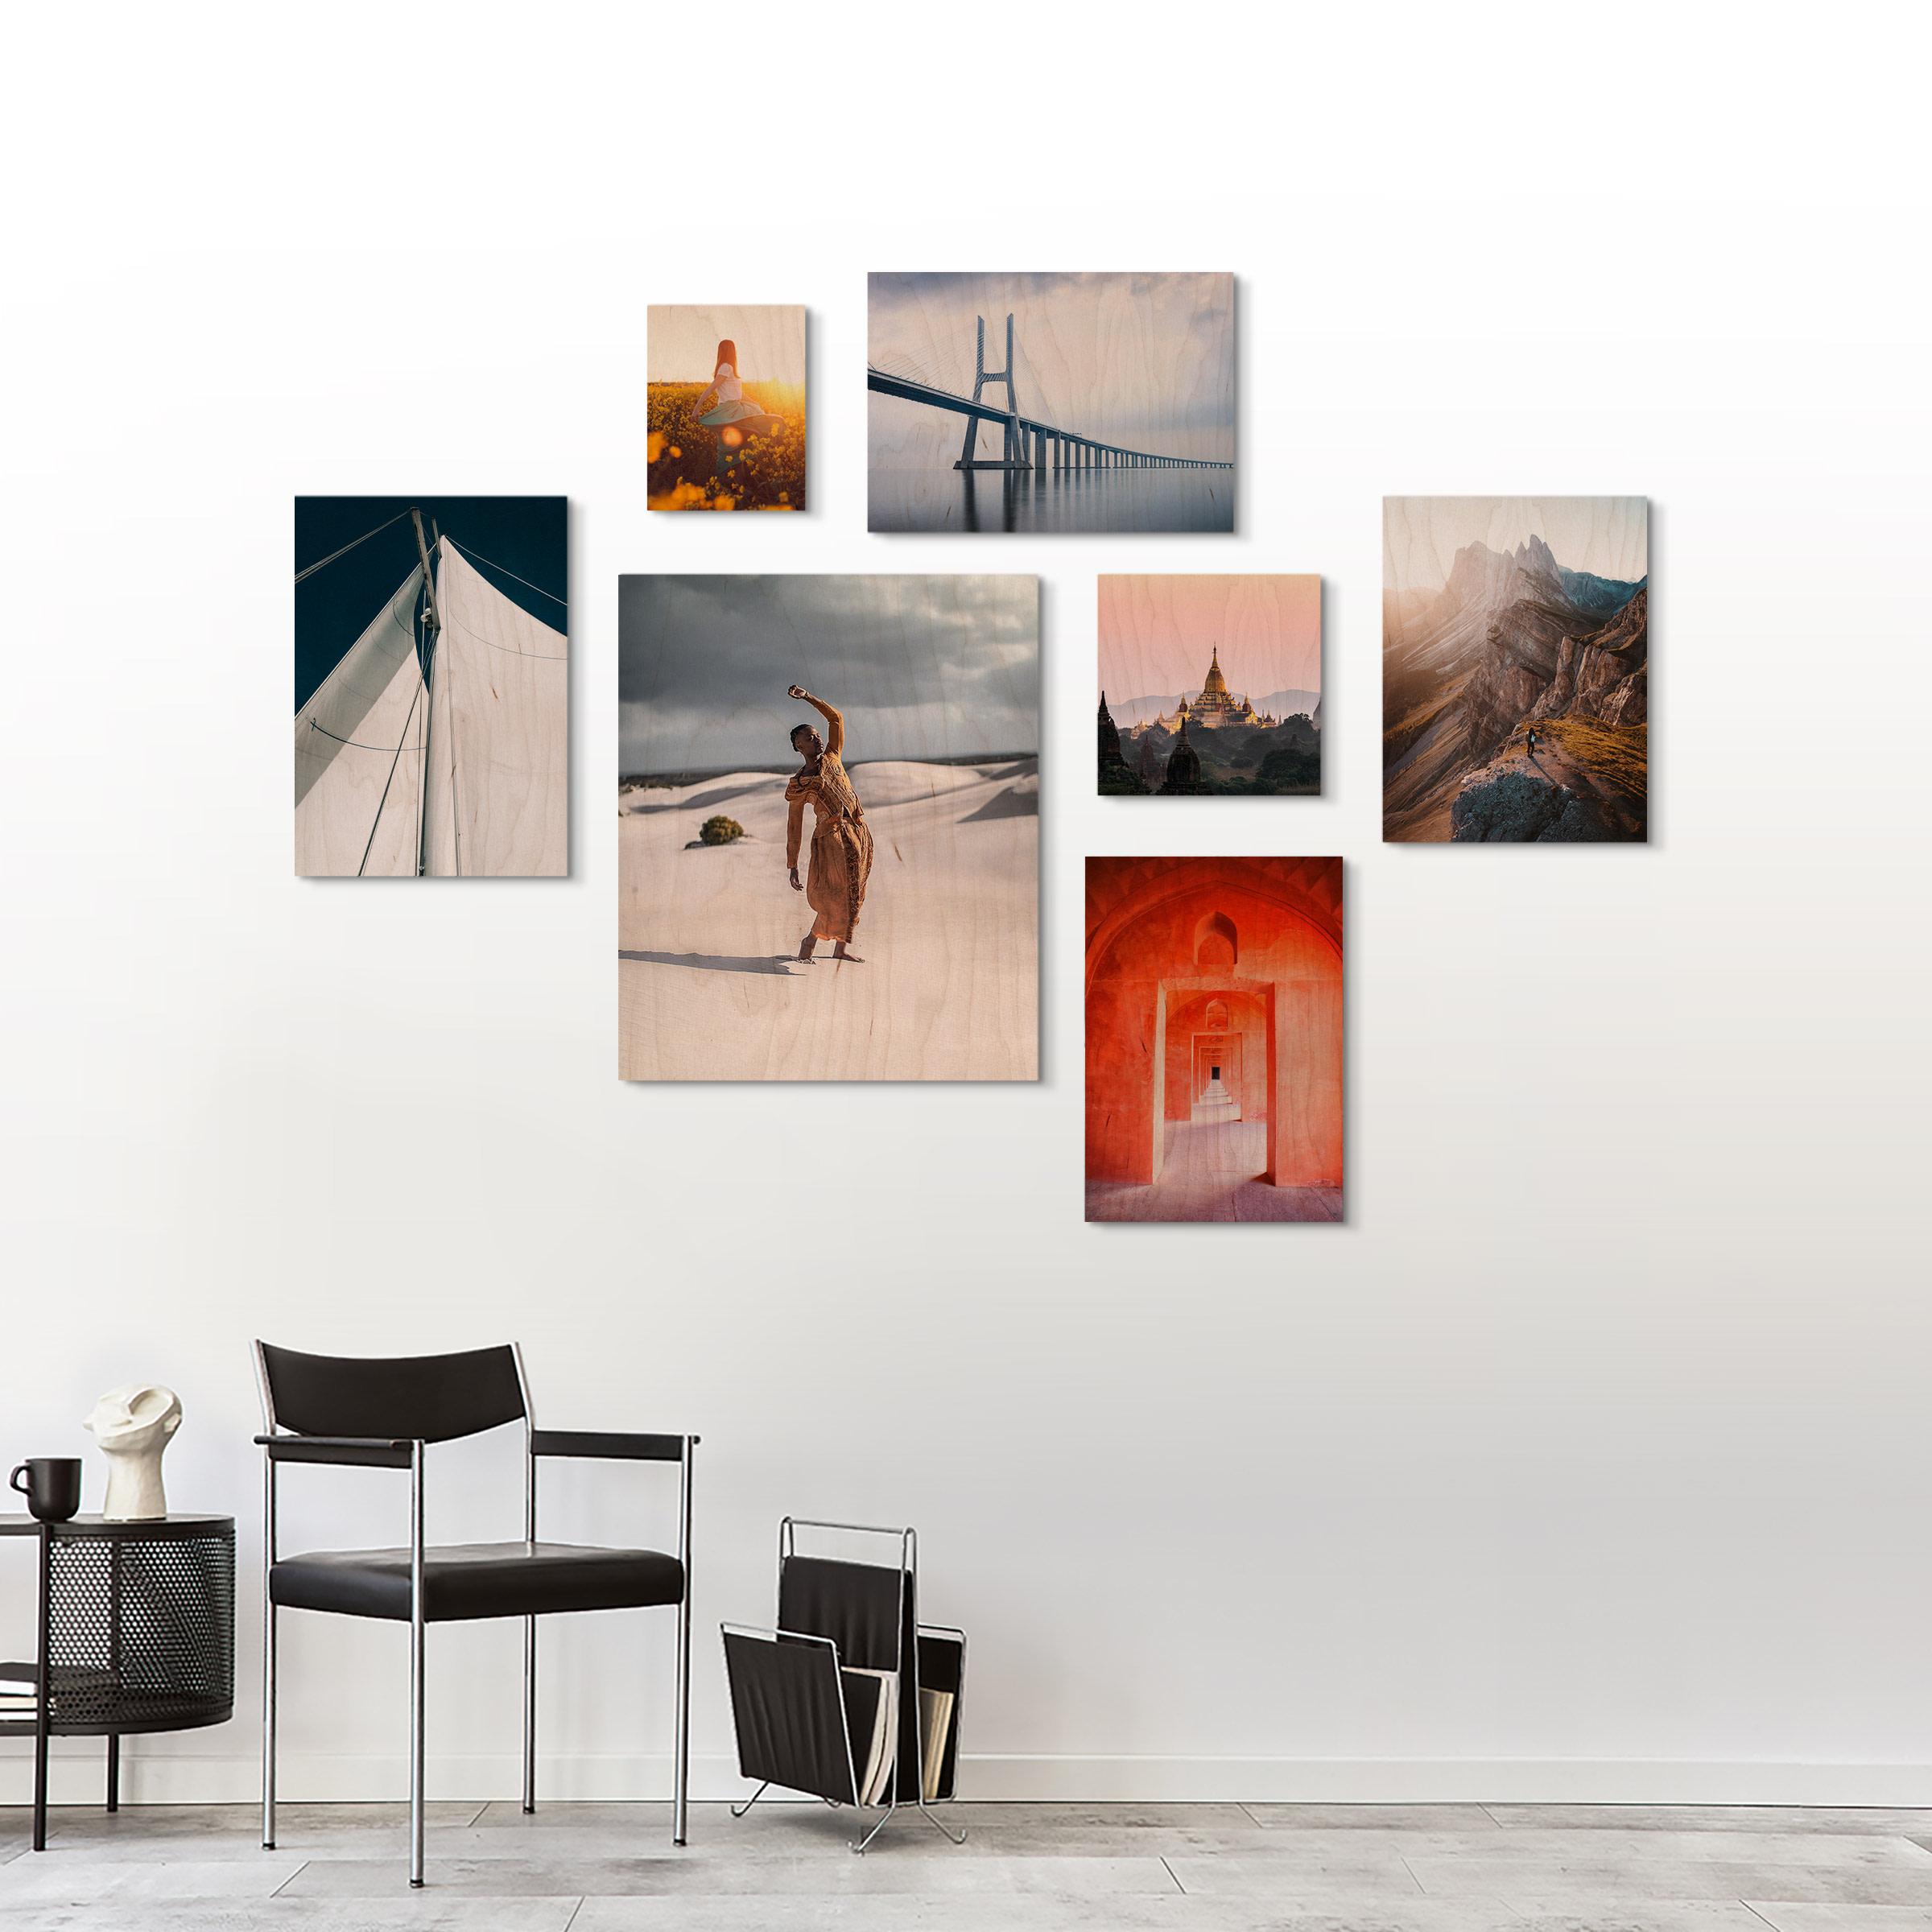 foto-druck-auf-holz-landschaft-inspiration-1200x1200.jpg